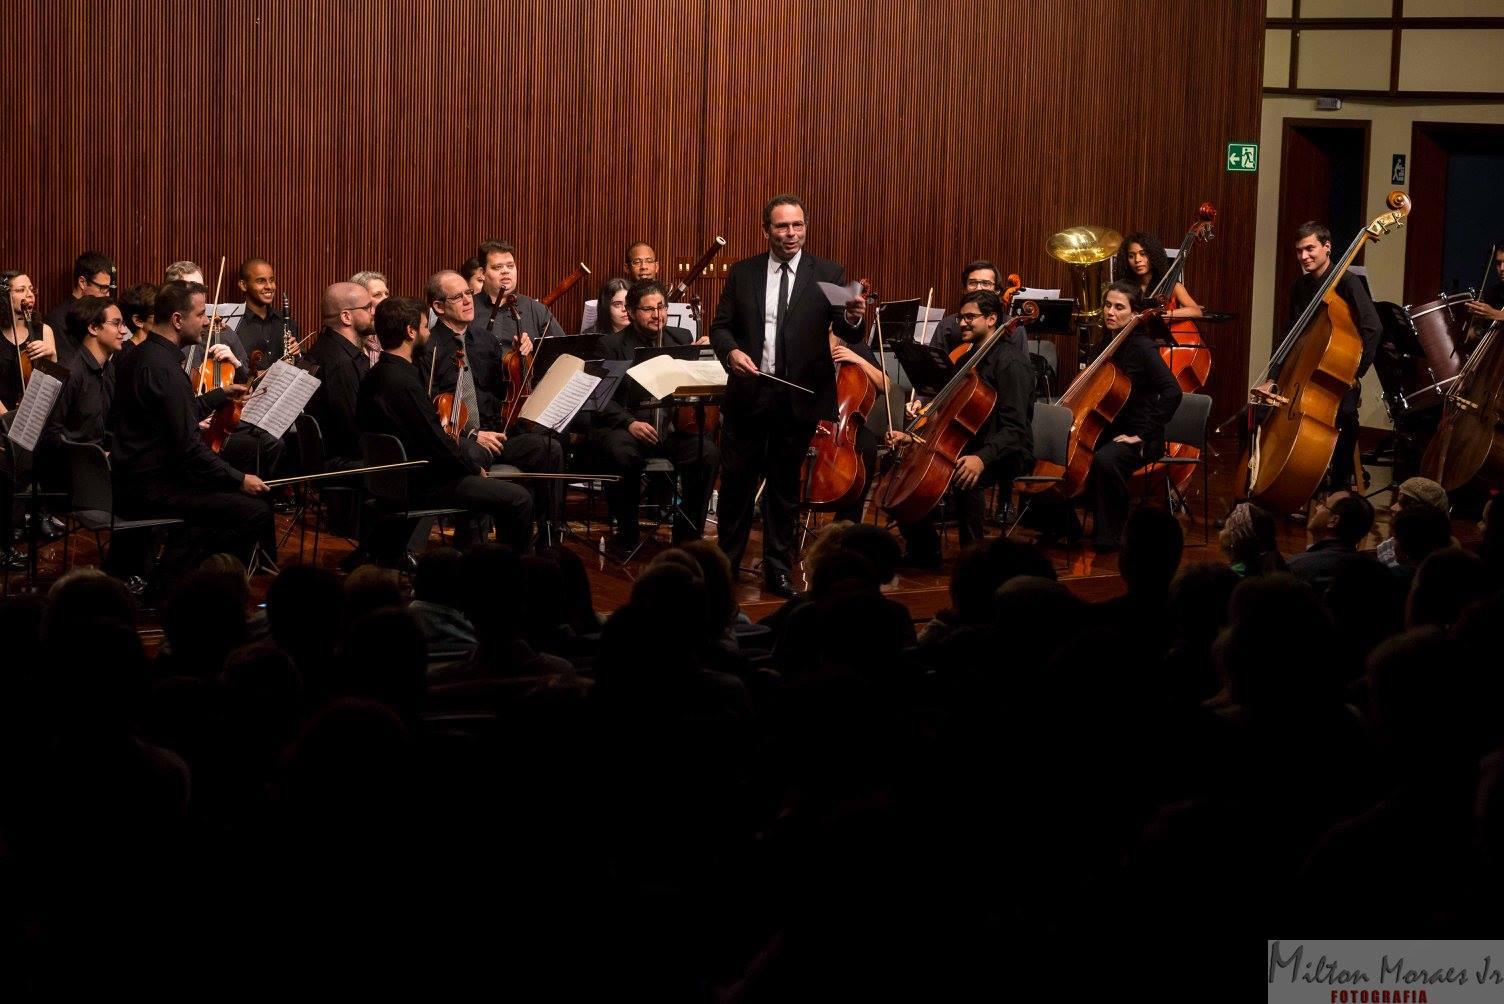 M sica cl ssica em brasilia estreia da w3 filarm nica no for Musica classica